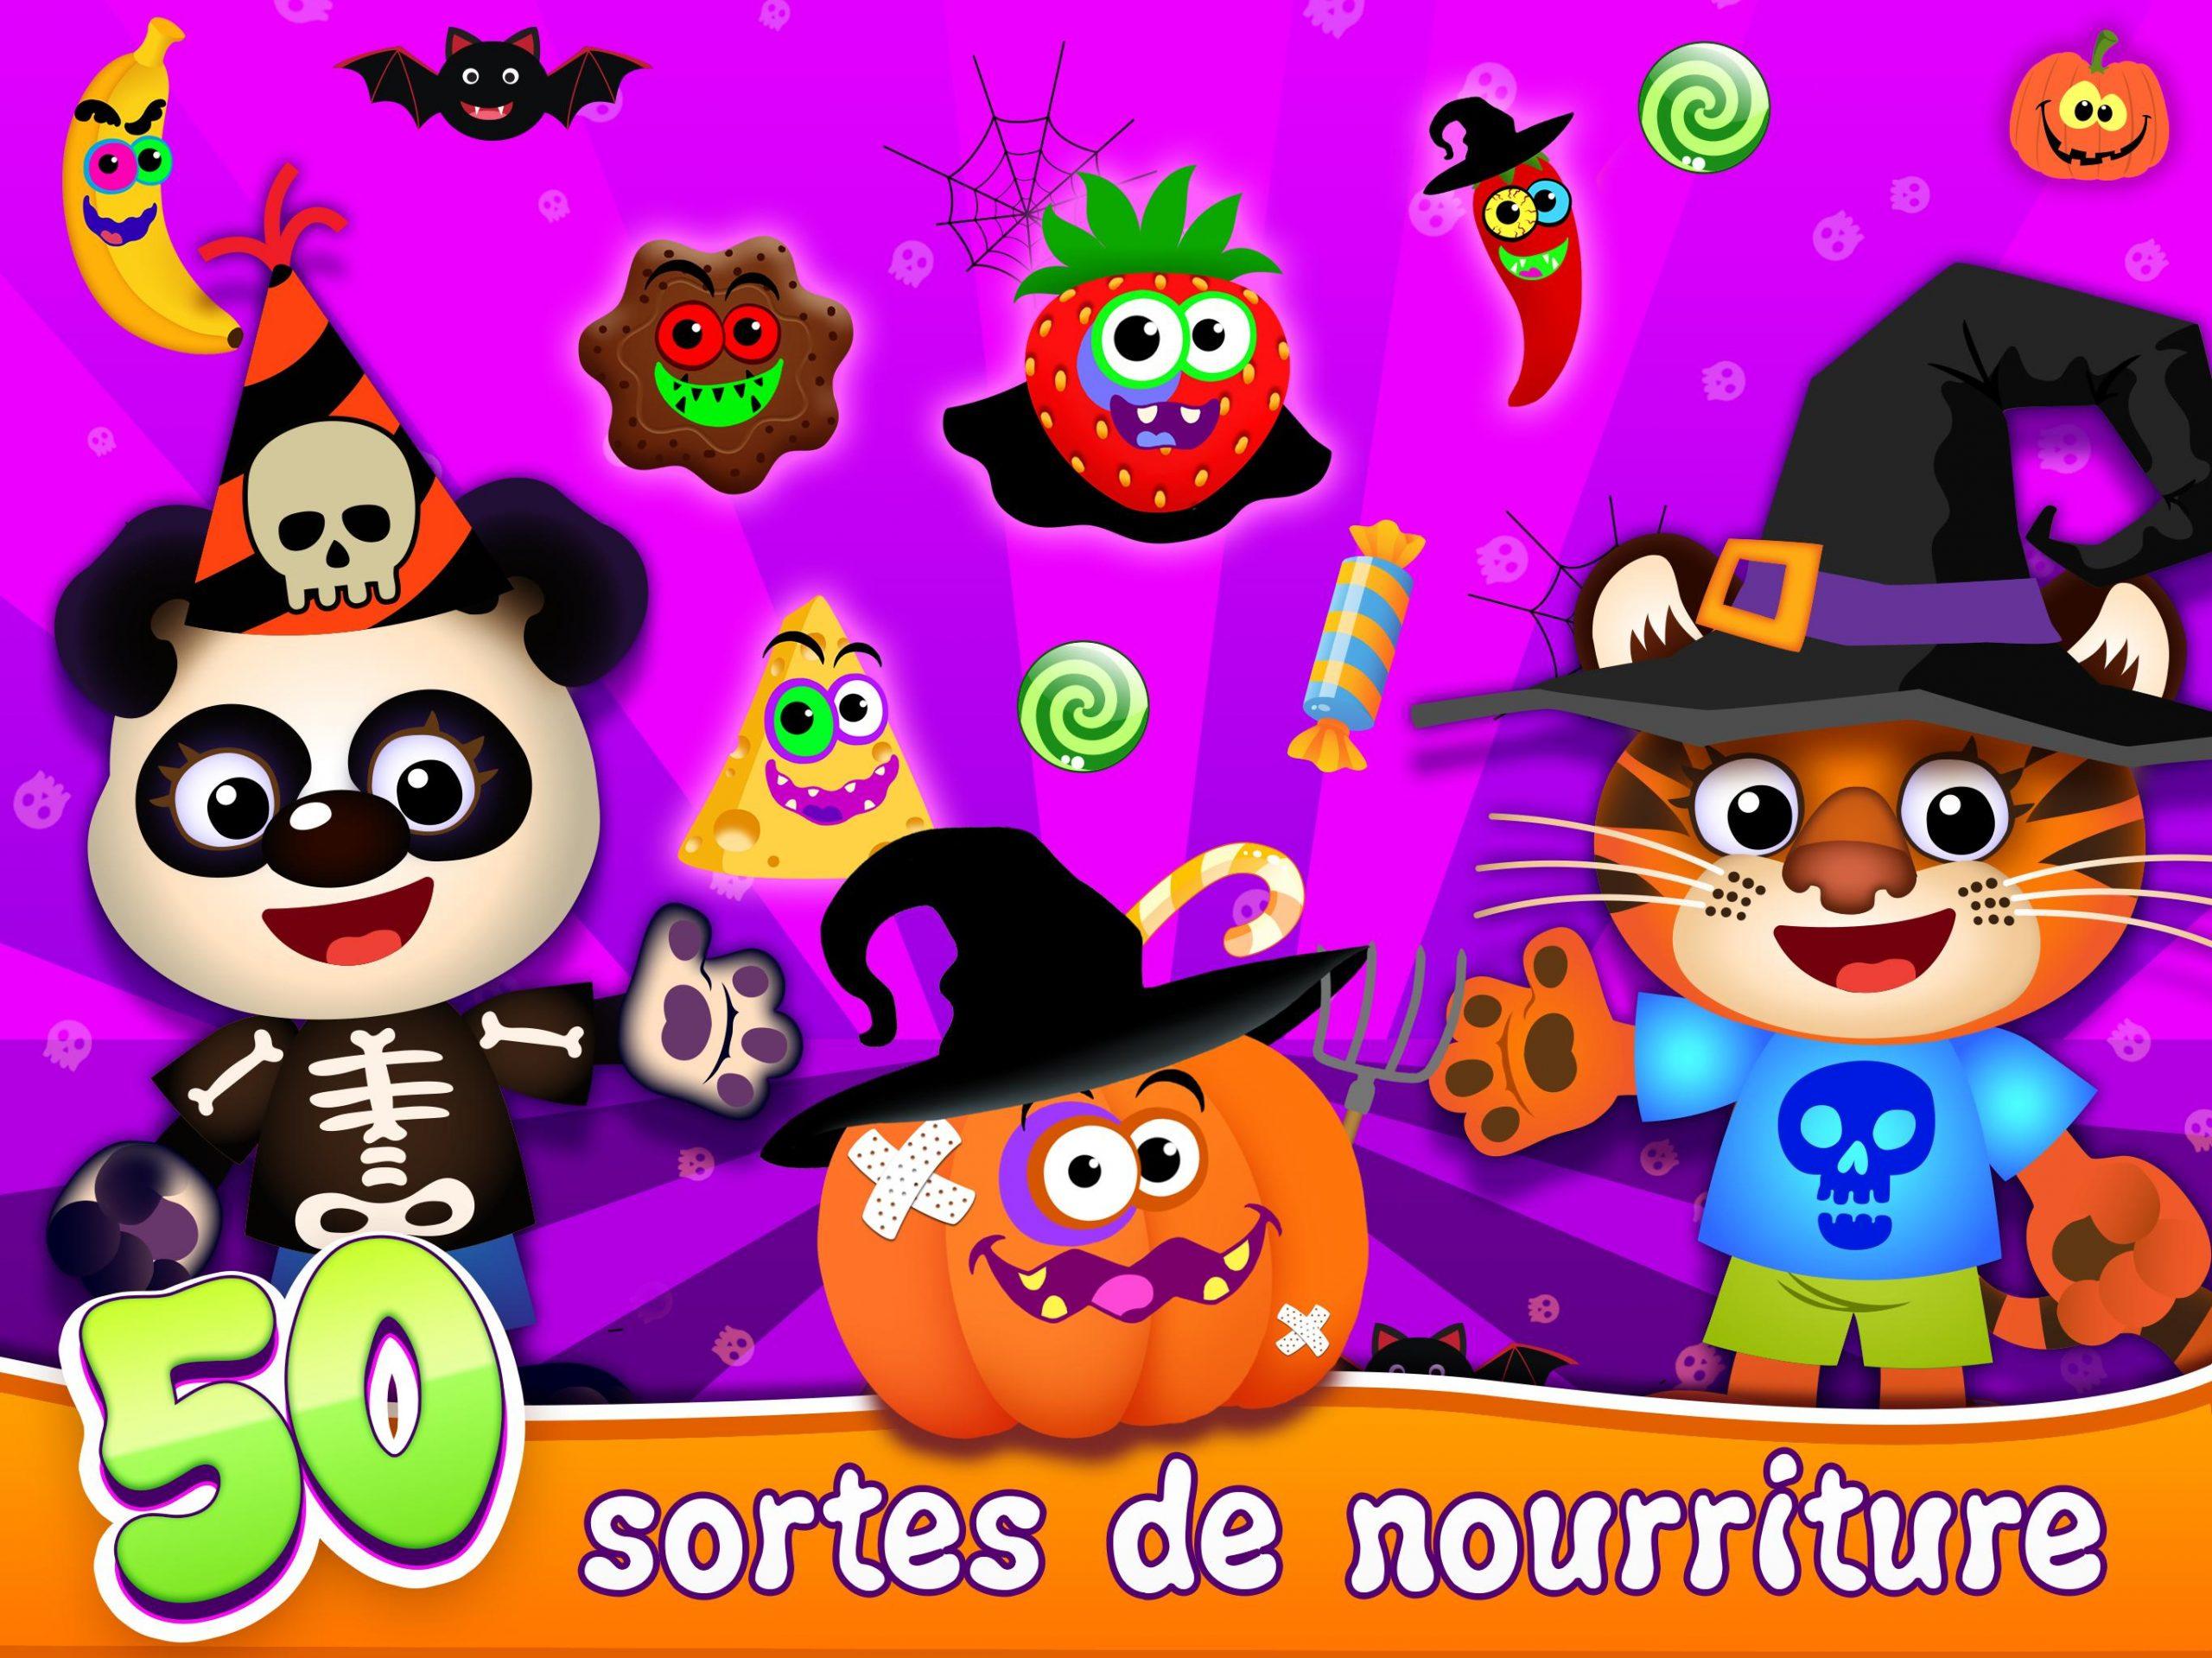 Funny Food! Jeux Educatif Pour Enfants Gratuit 2 3 Pour dedans Jeux Educatif Enfant Gratuit